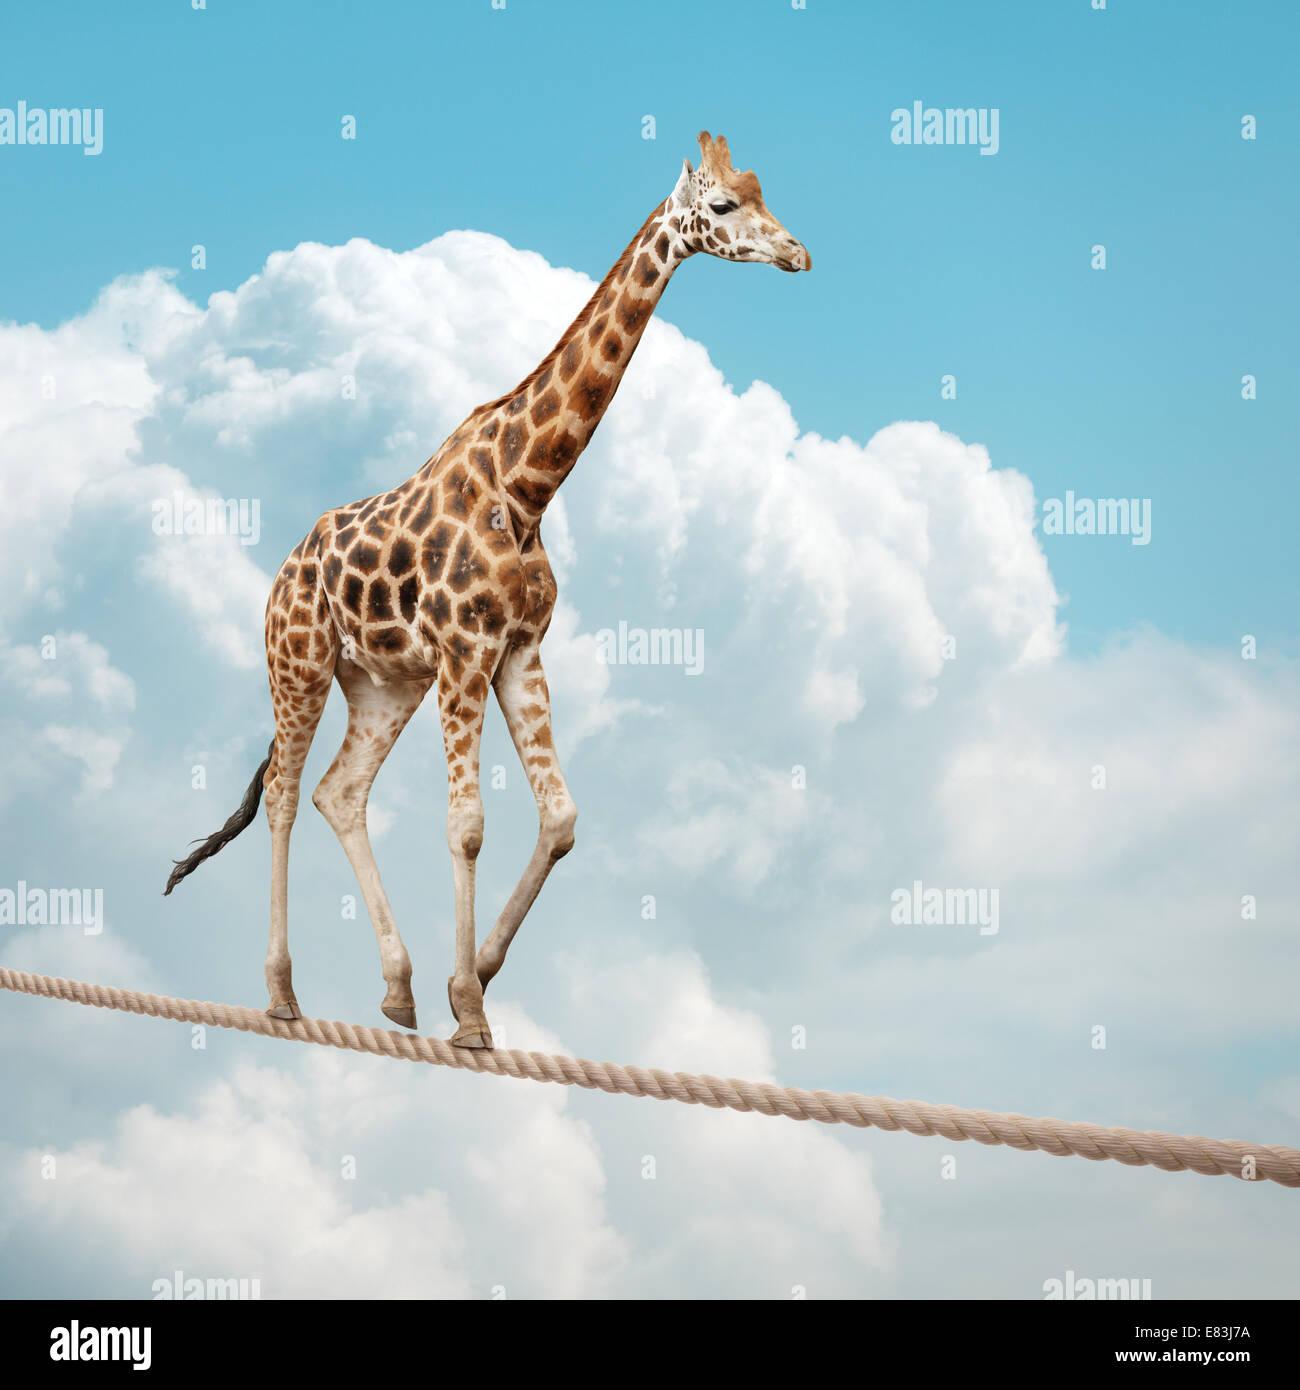 Giraffe en equilibrio sobre una cuerda floja Imagen De Stock